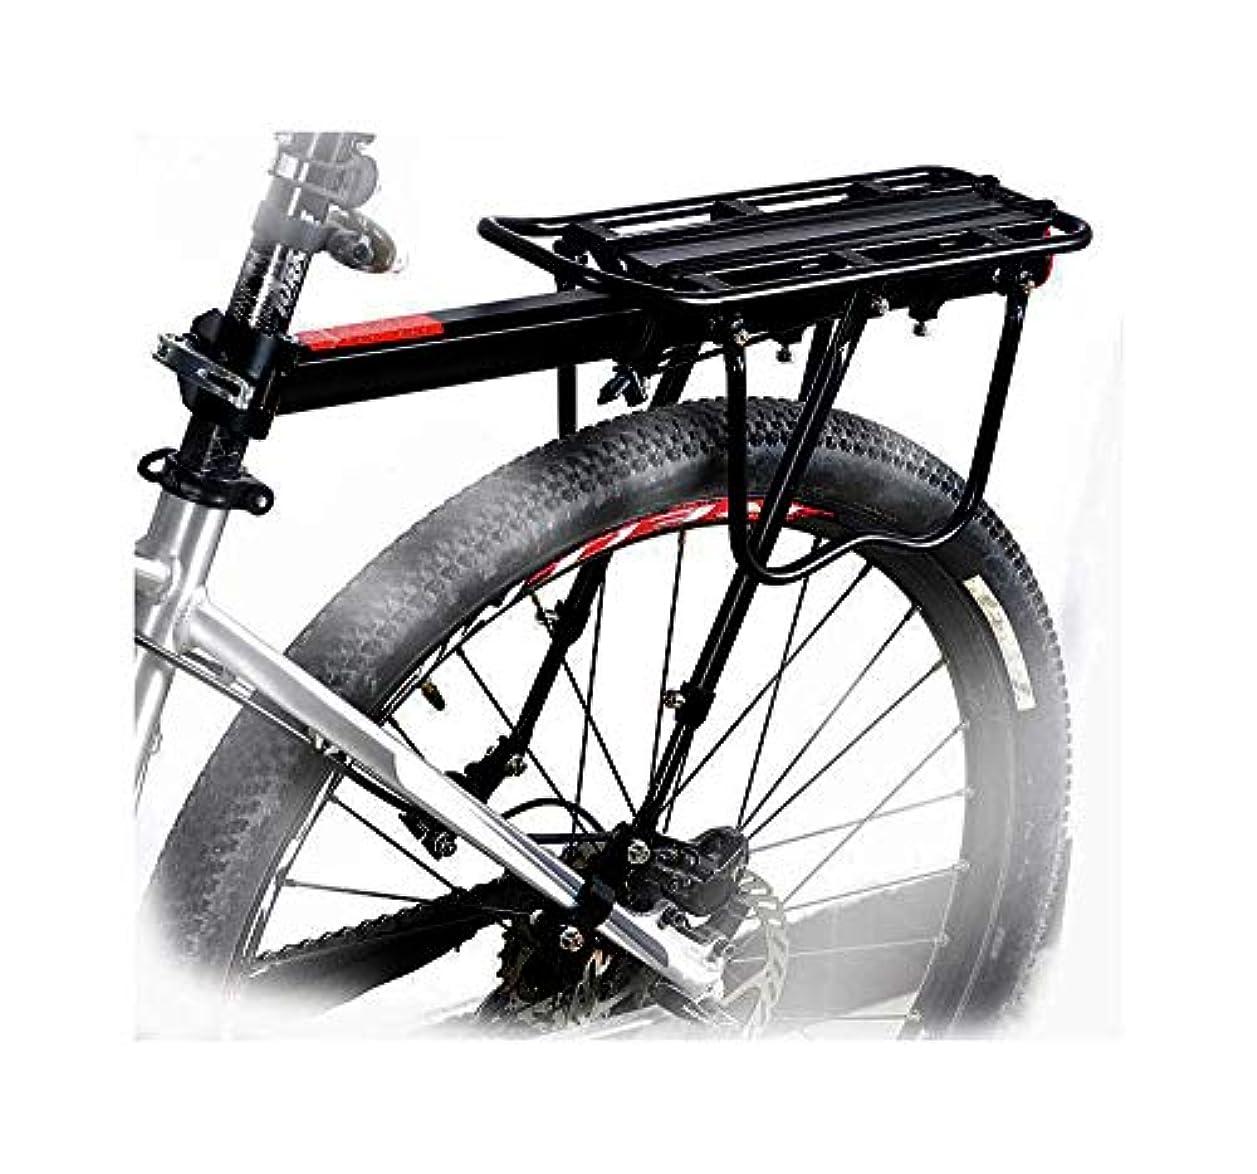 大宇宙特異な繁殖サイクルバイクリアパニエ 自転車ラックキャリア シェルフシートマウント部品高品質 アルミニウム合金 アウトドアスポーツユニバーサル 最大荷重60KG